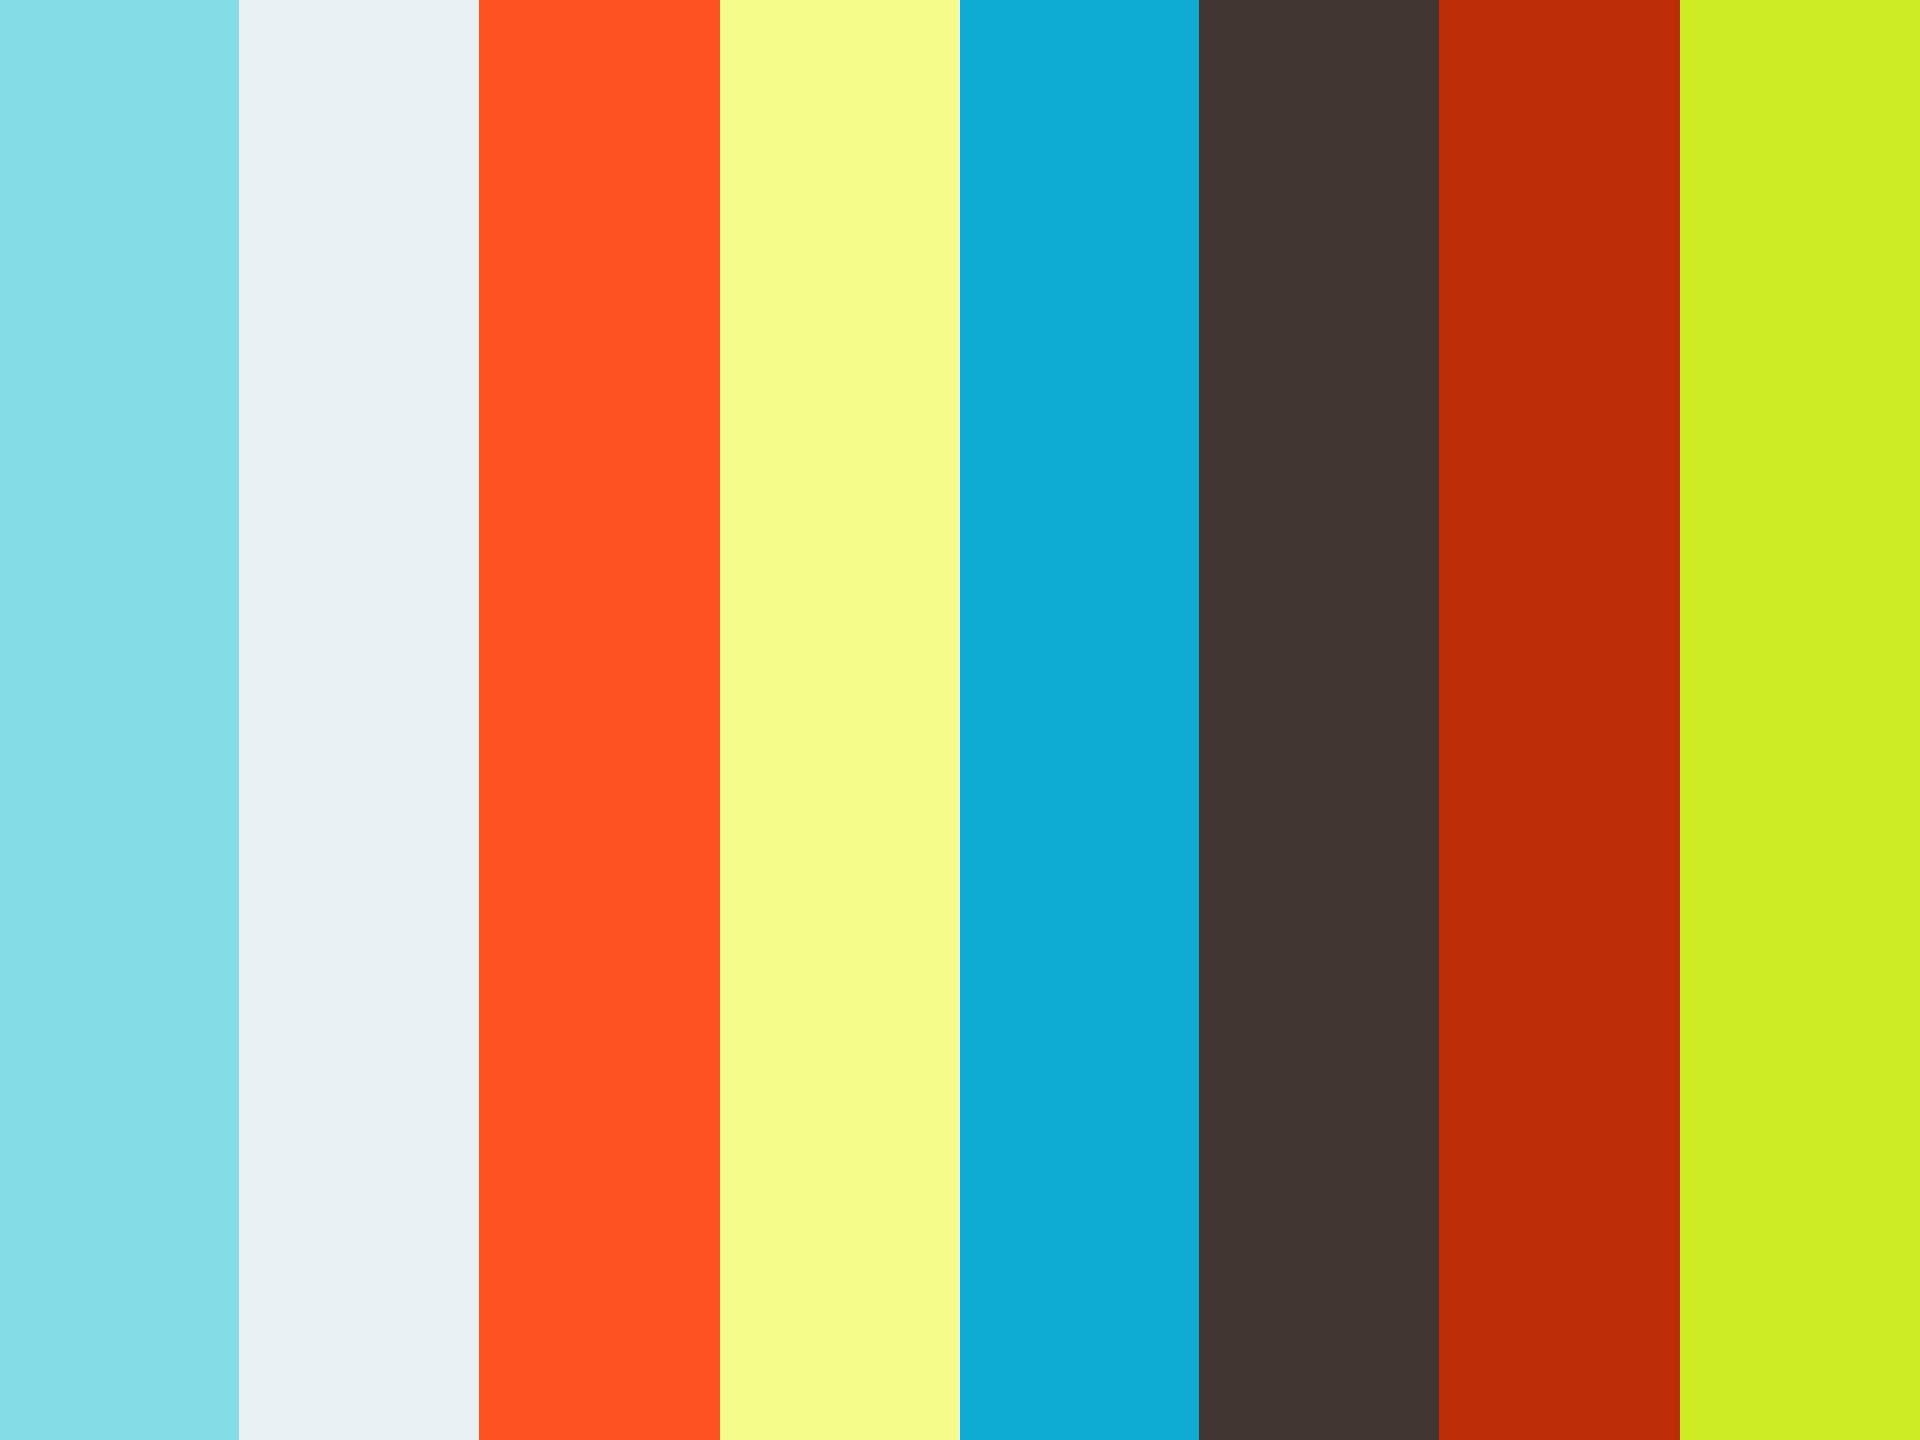 【4月12日ライブ配信】DNA特別講演会 第11回記念大会【ダエキのチカラ】